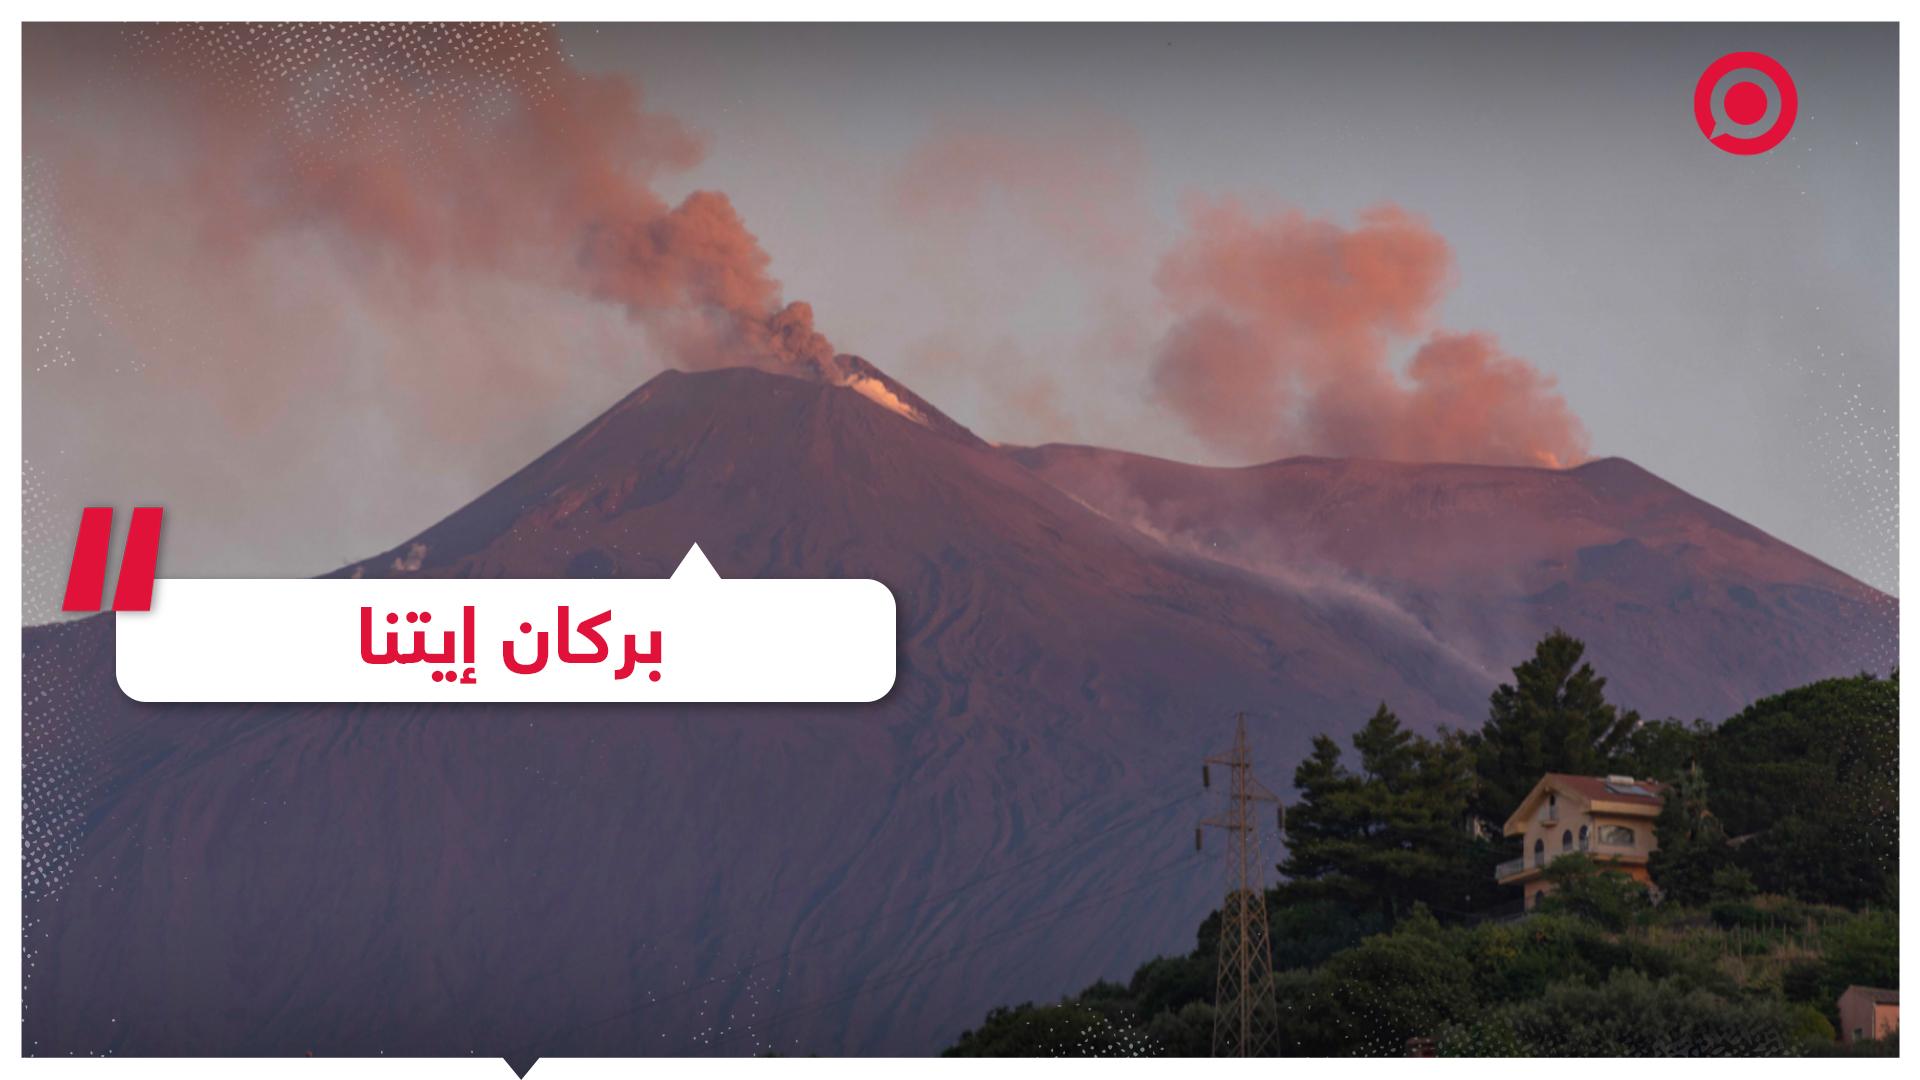 انفجار بركان إيتنا في جزيرة صقلية بإيطاليا